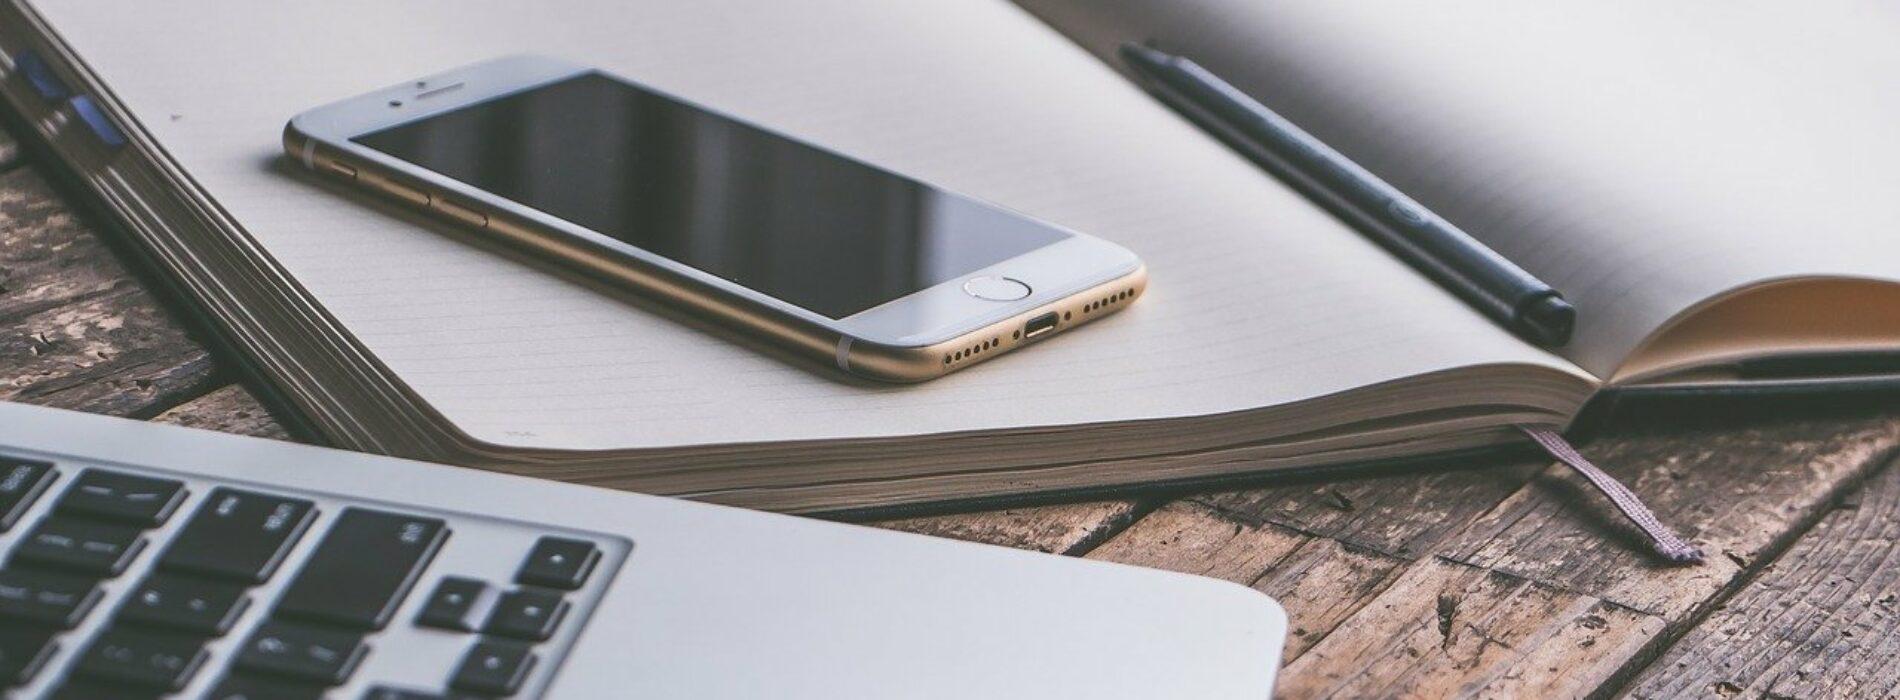 Nowy podatek od urządzeń elektronicznych nie przysłuży się kulturze. Wywinduje za to ceny sprzętu